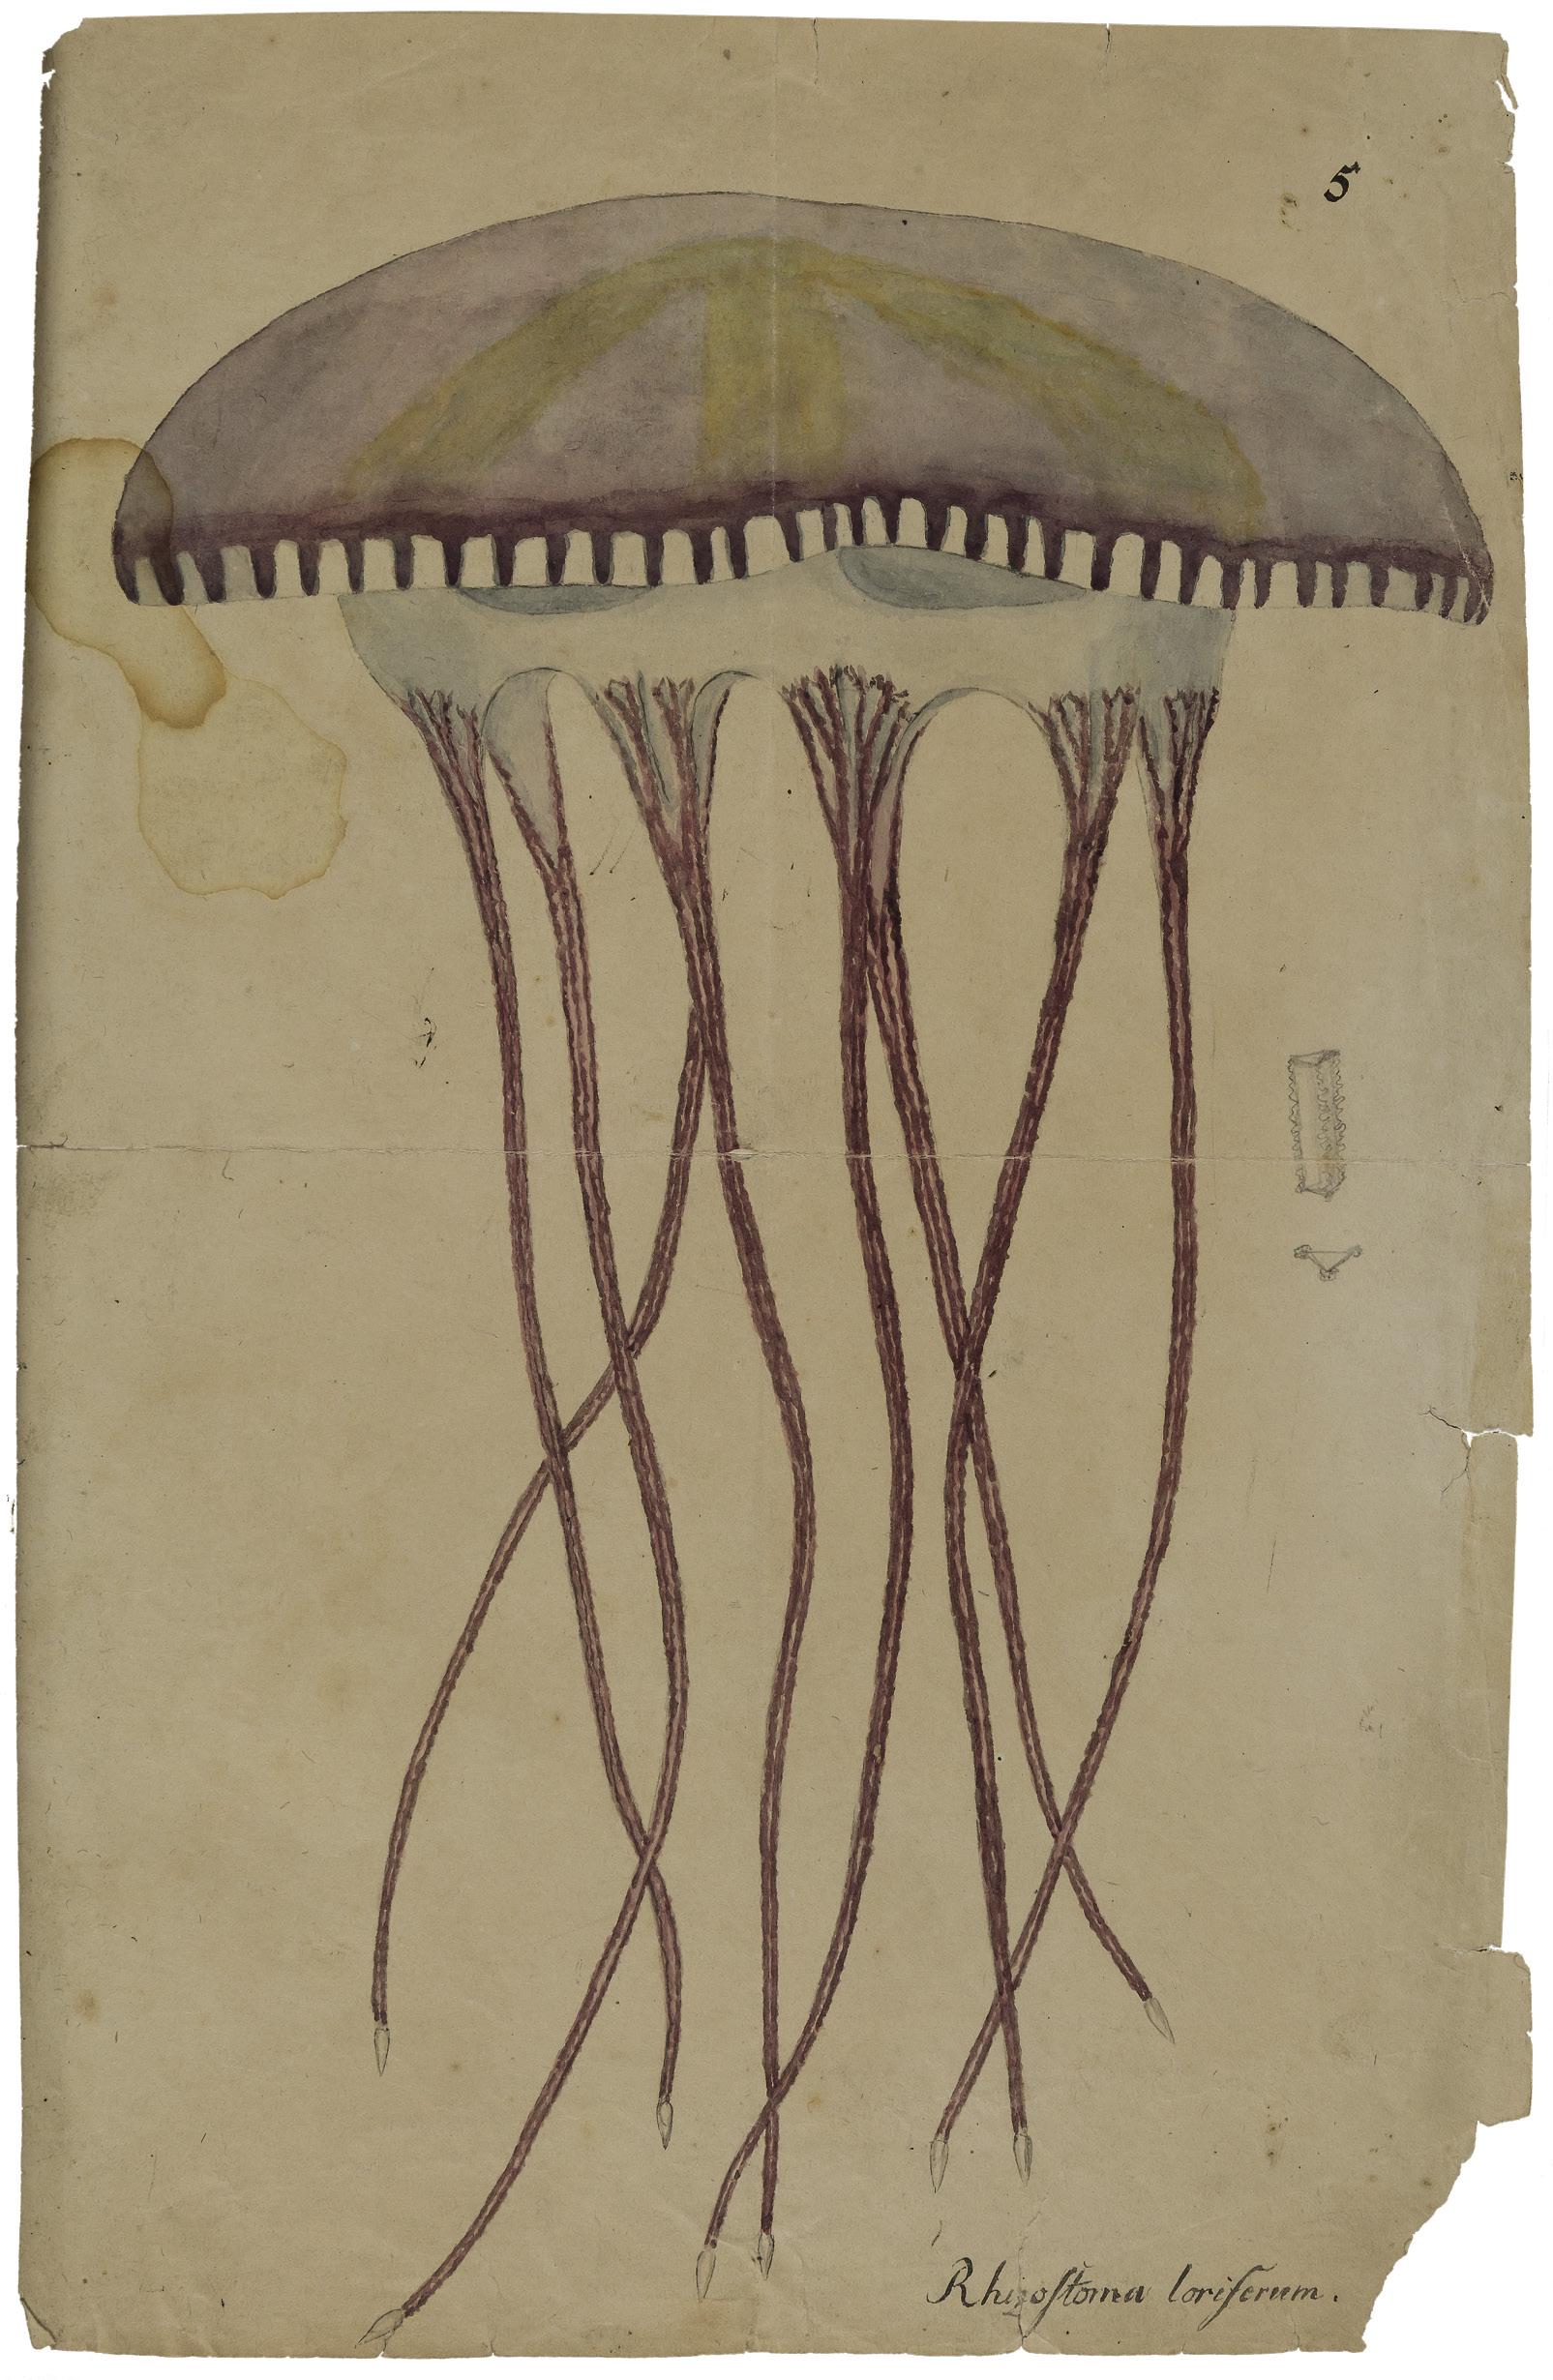 Wurzelmundqualle